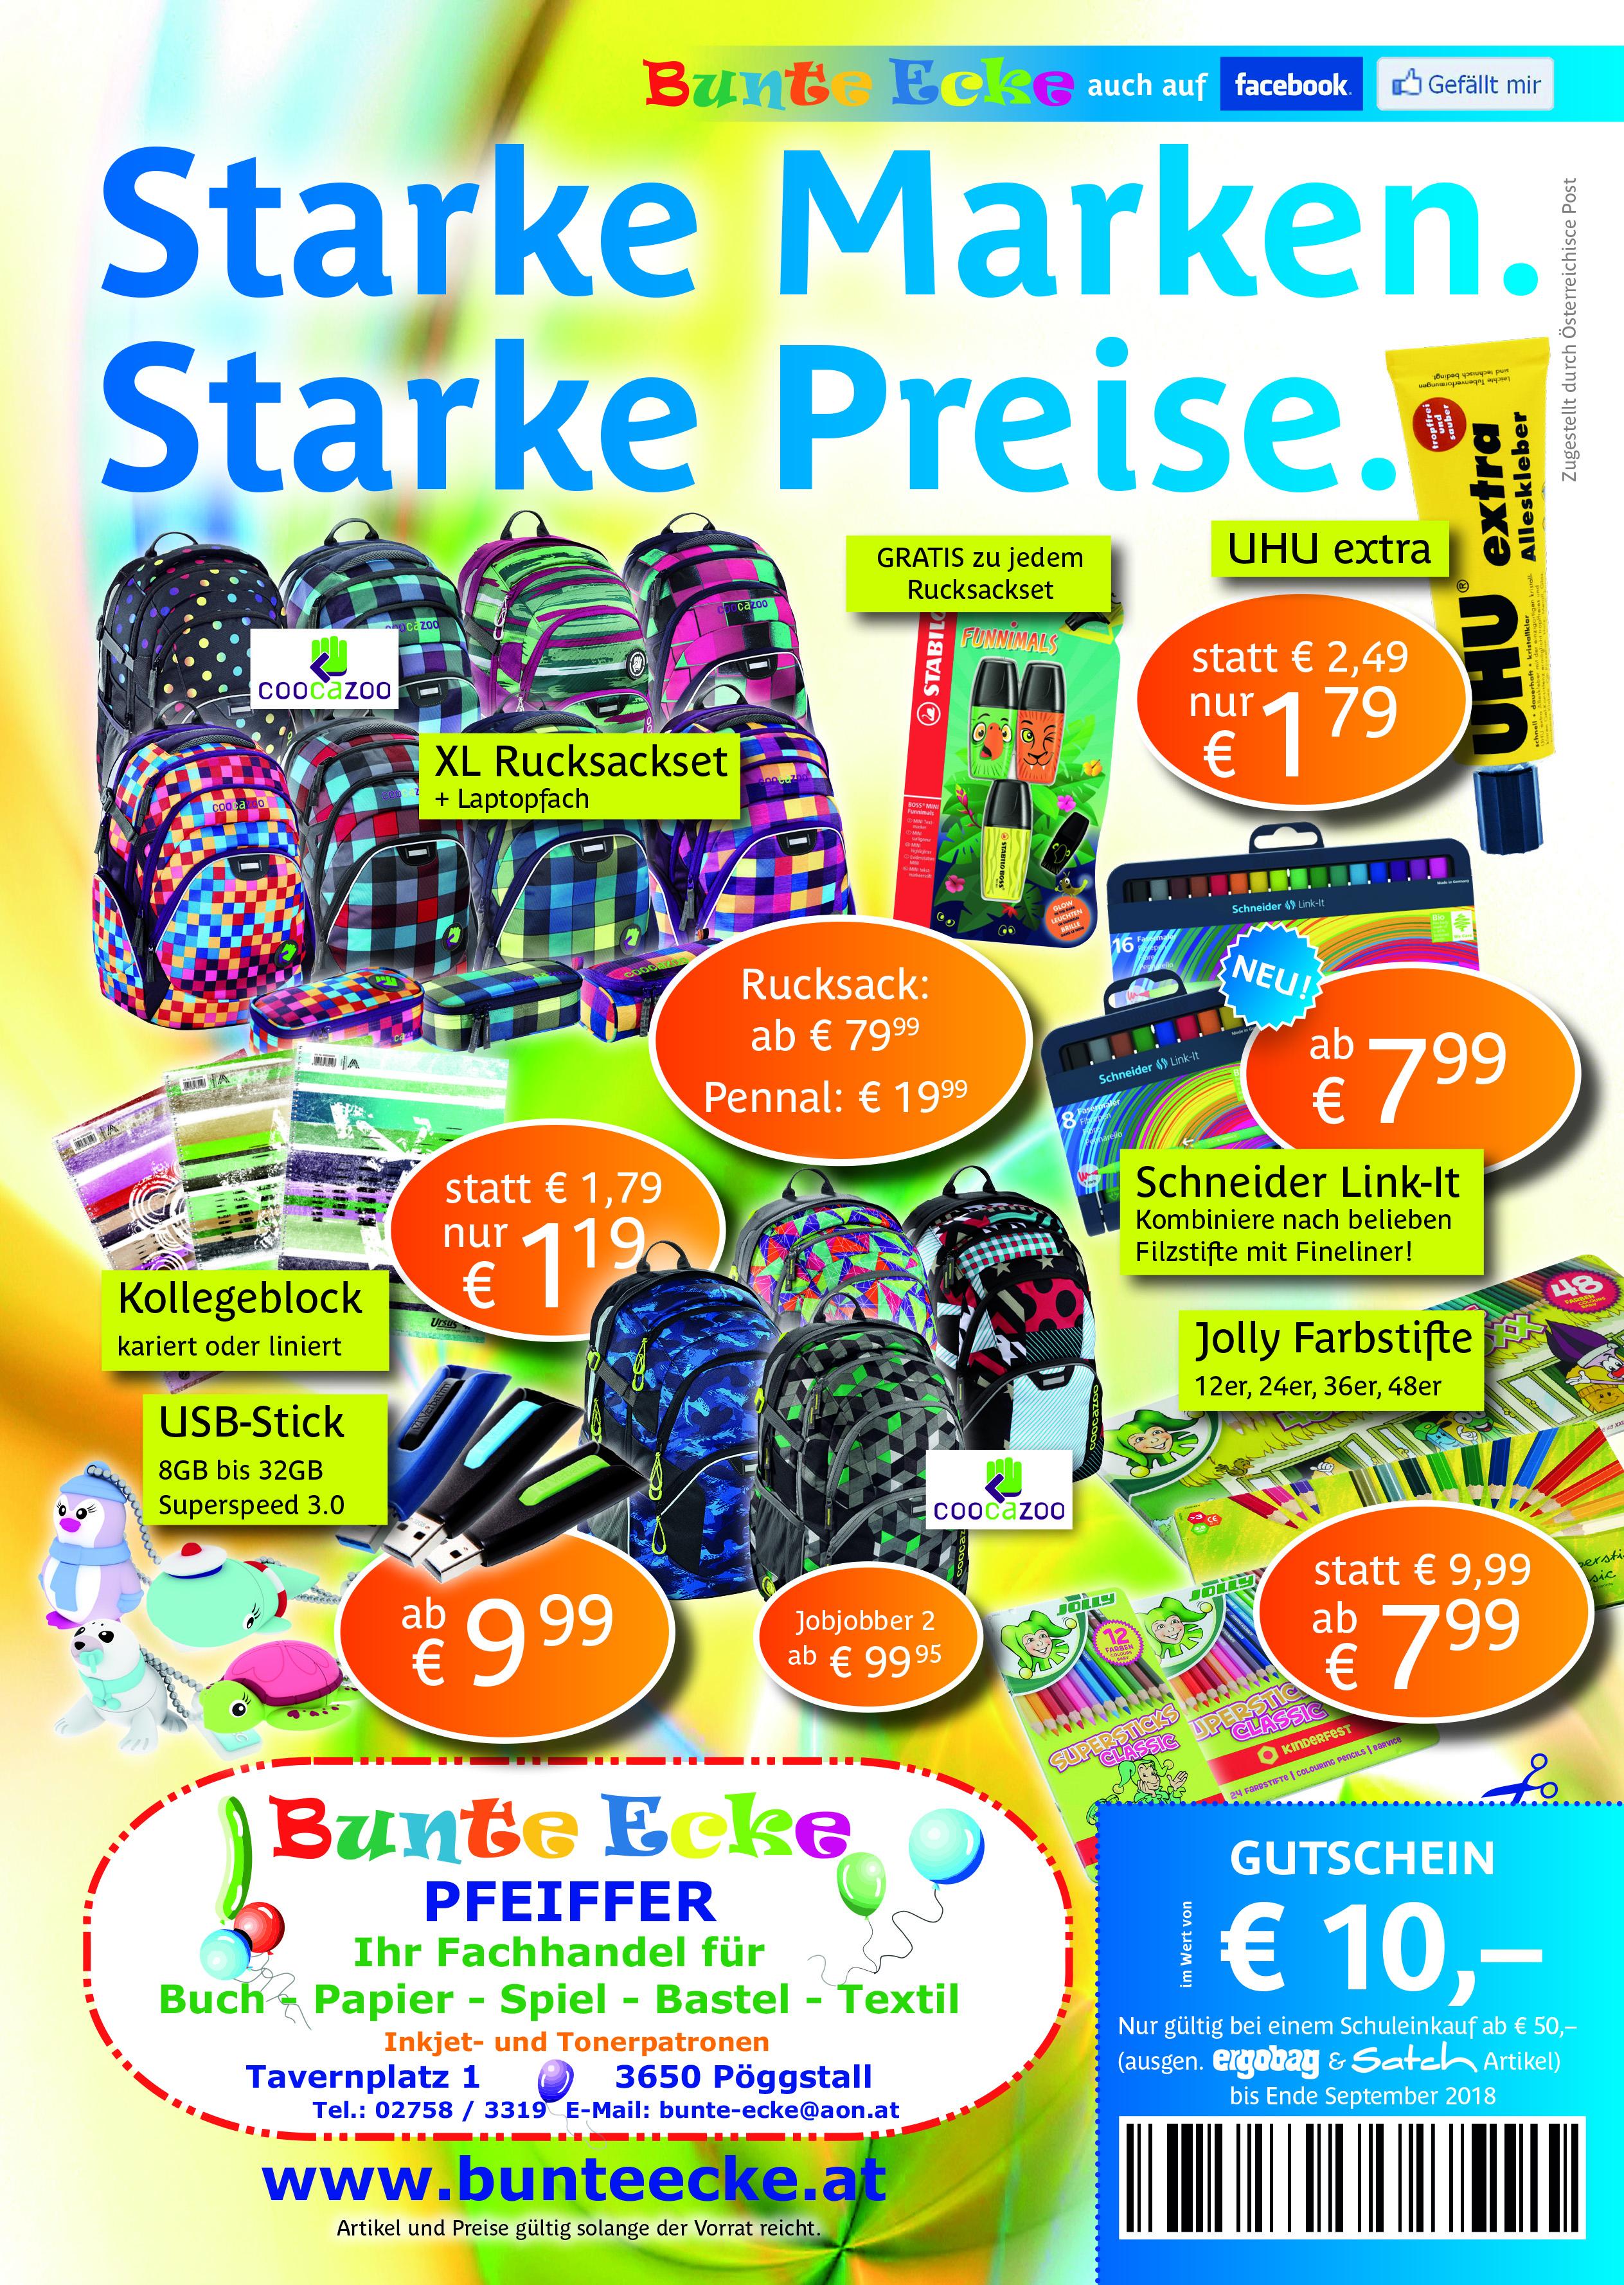 Schulaktionen mit 10 Euro Gutschein ab 50 Euro Schuleinkauf